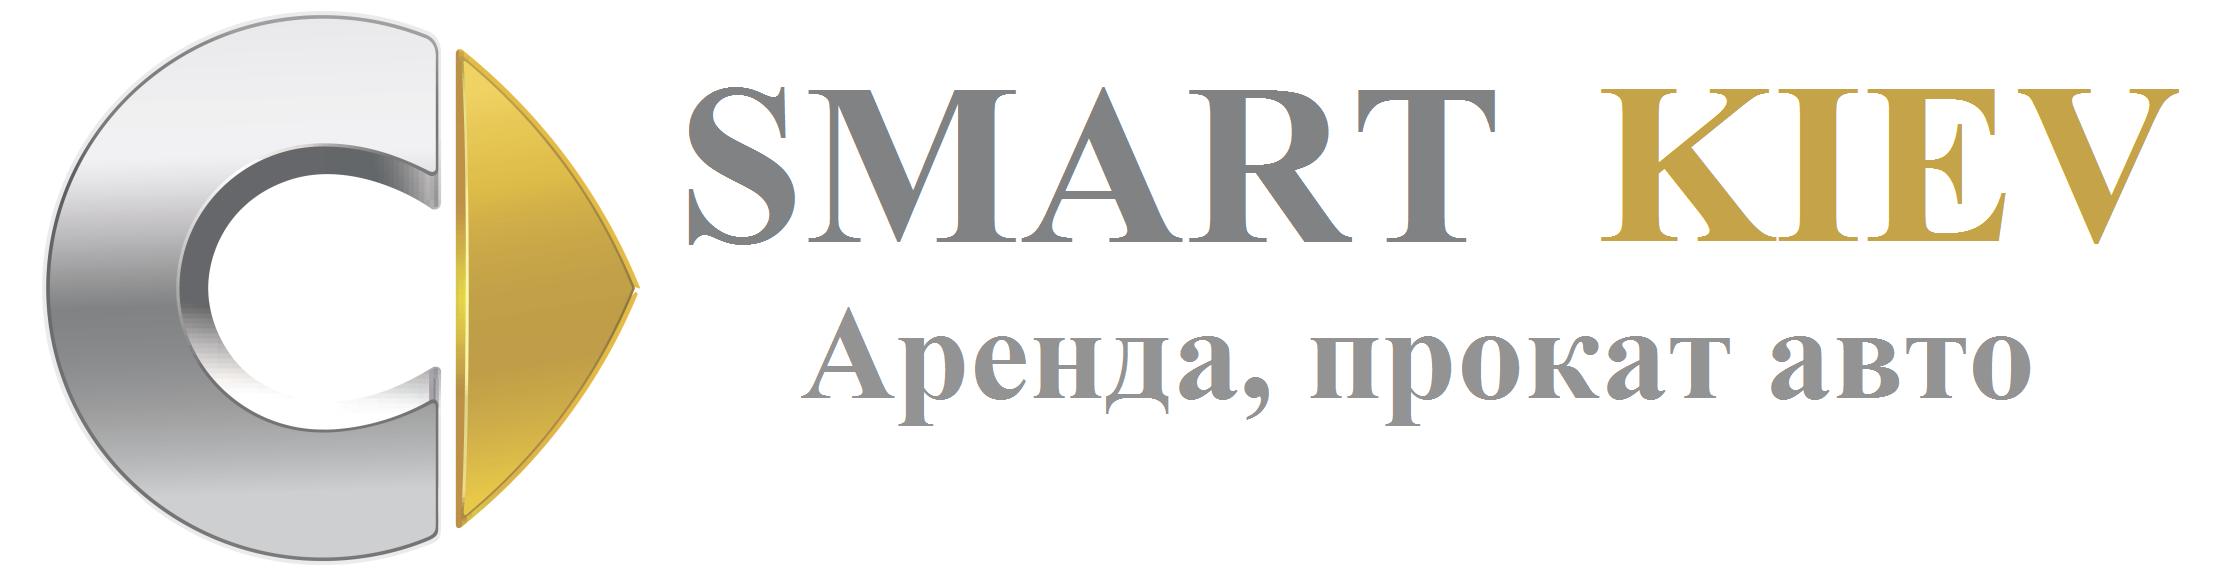 Smart Kiev